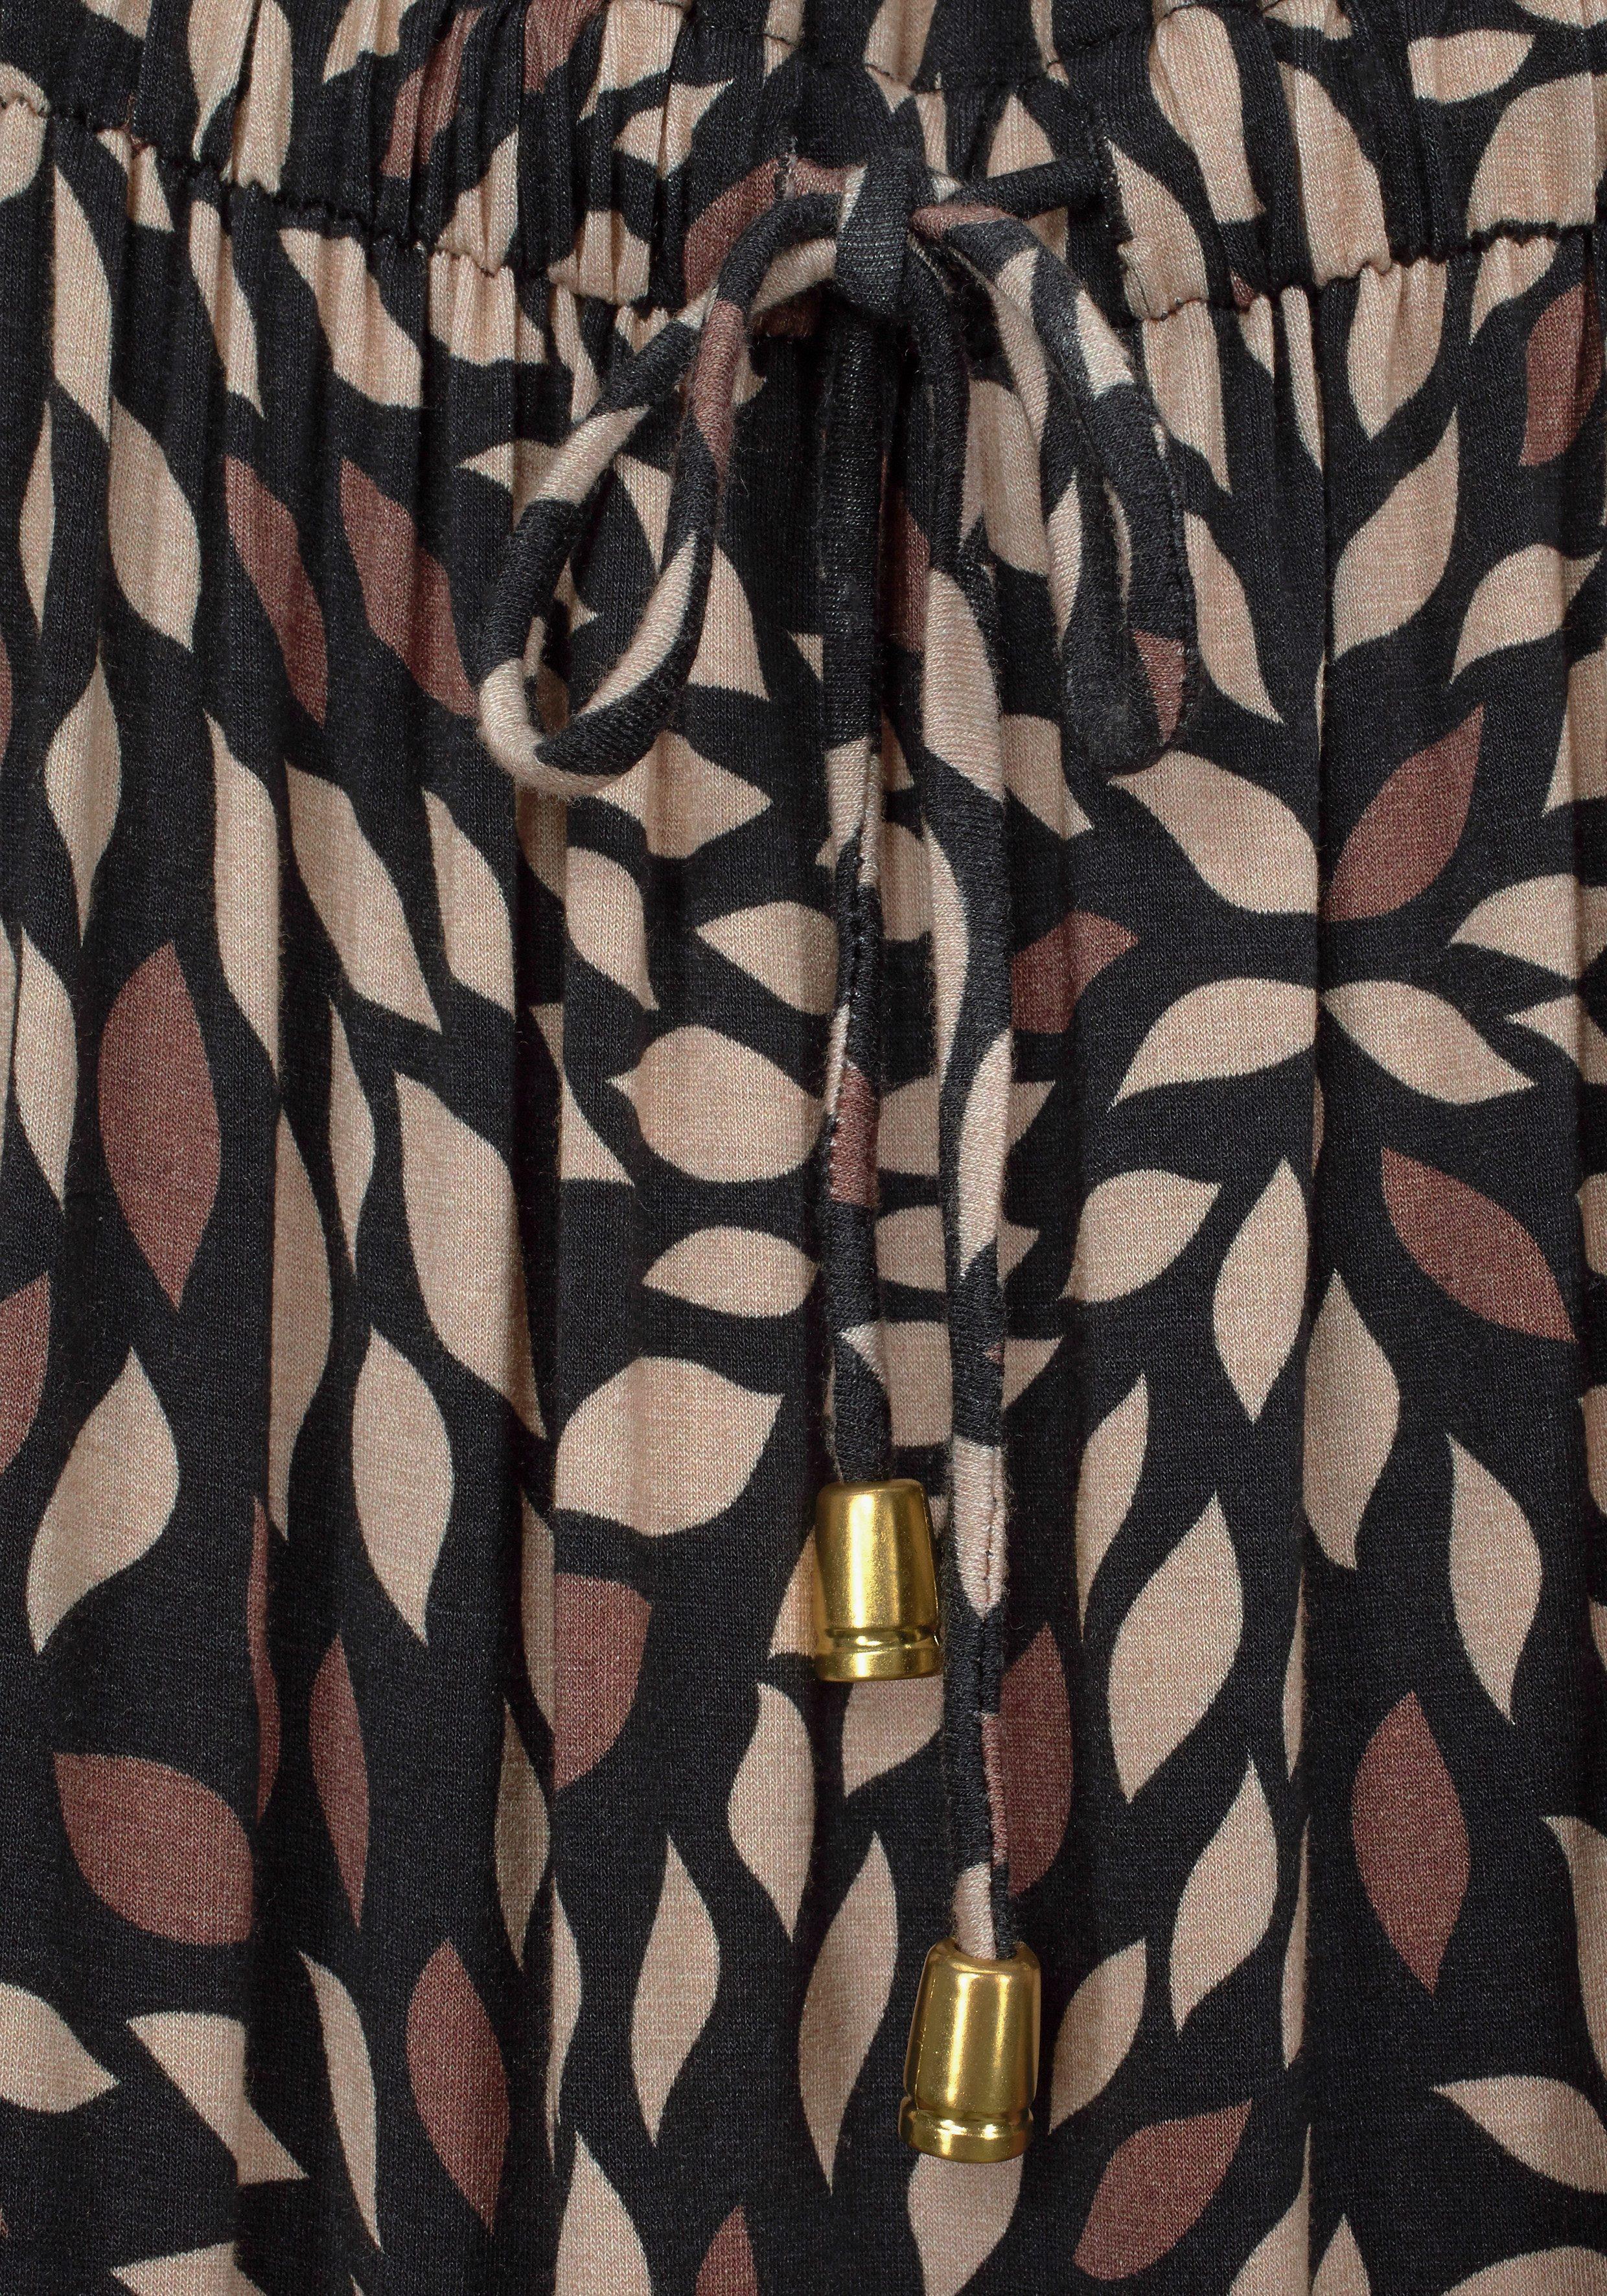 Lascana Maxi-jurk In Bandeaumodel Makkelijk Gevonden - Geweldige Prijs